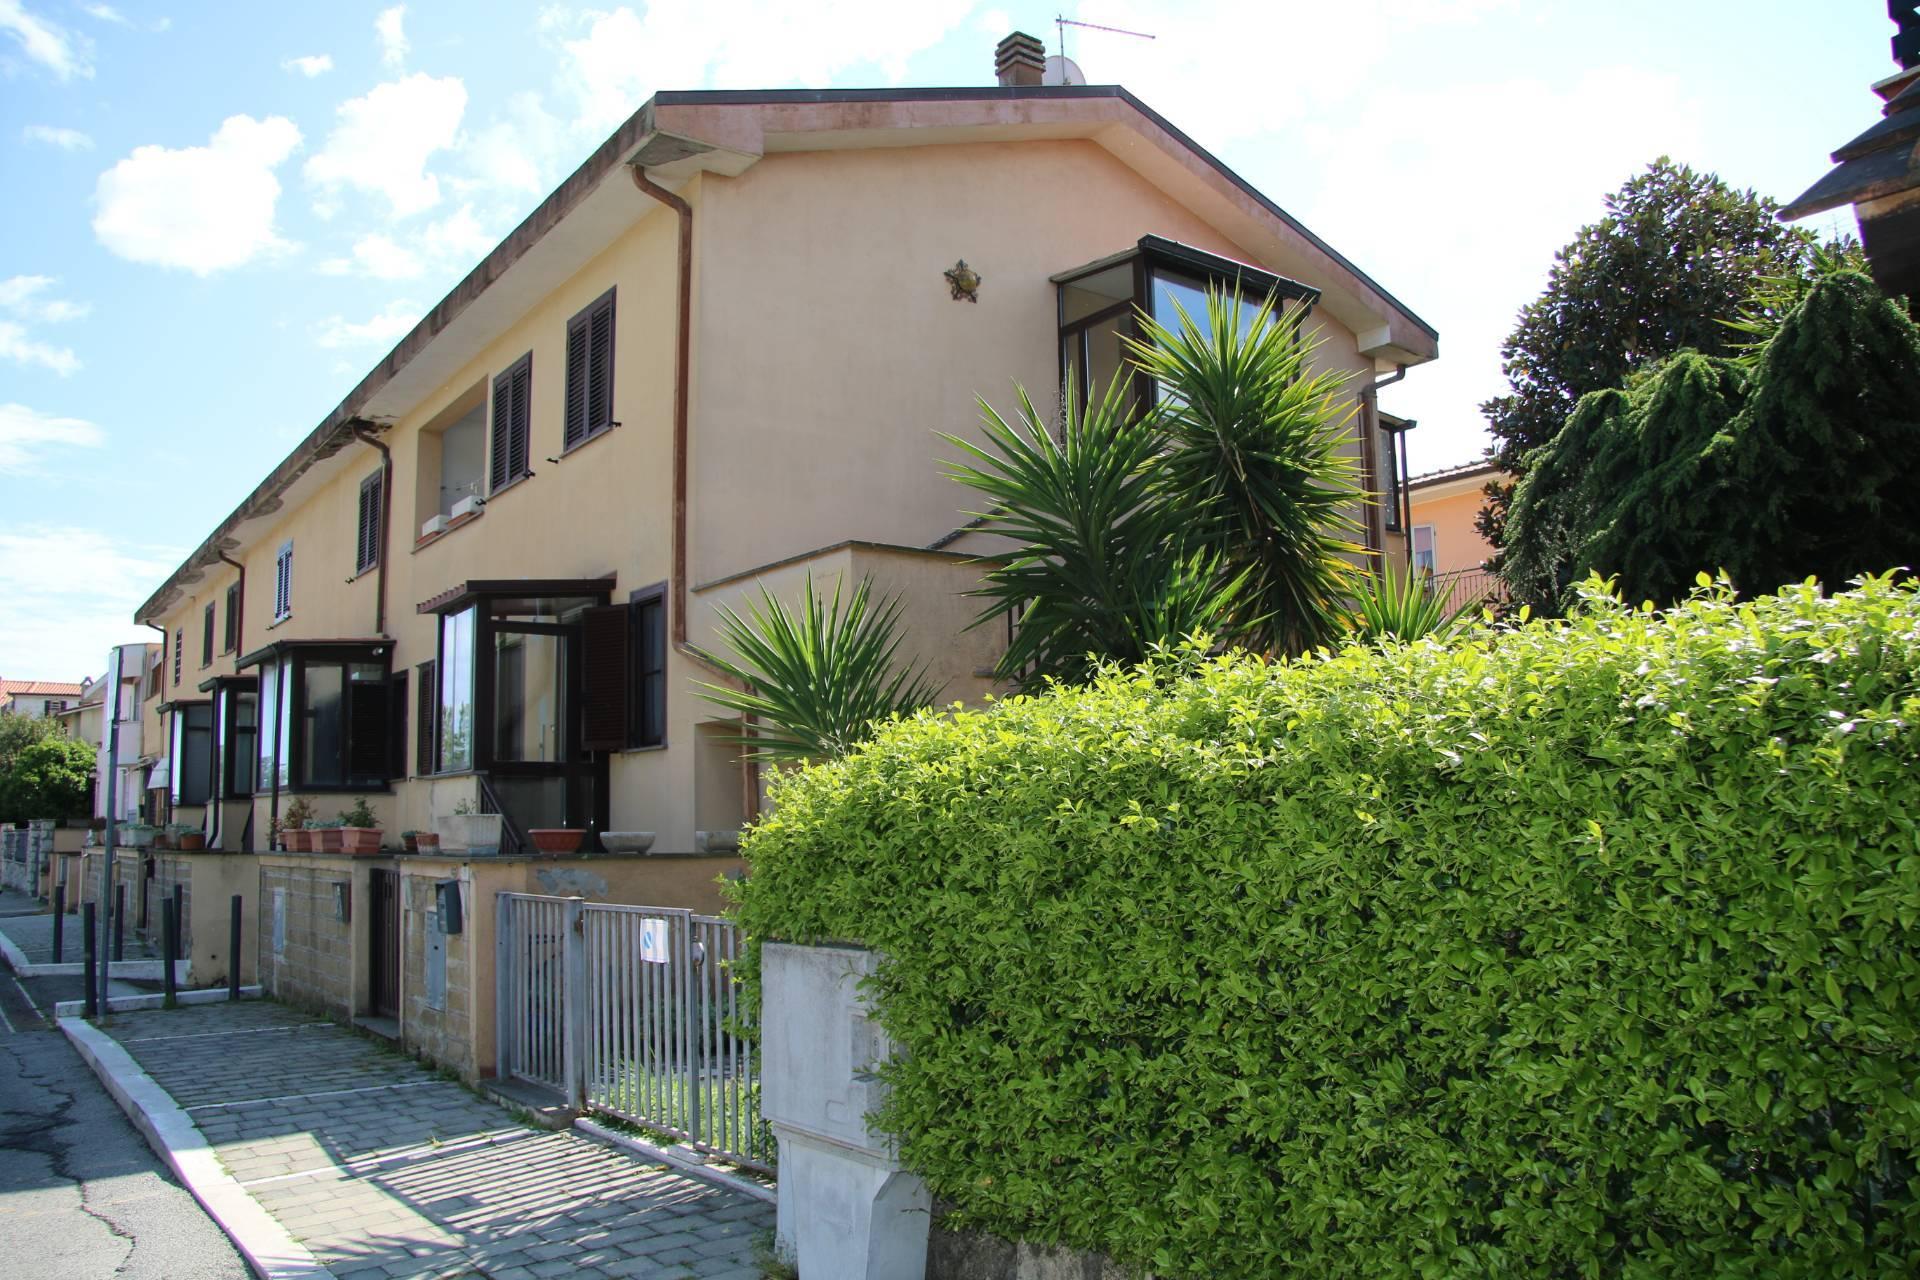 Appartamento in vendita a Montalto di Castro, 5 locali, zona Località: MontaltodiCastro, prezzo € 225.000 | CambioCasa.it